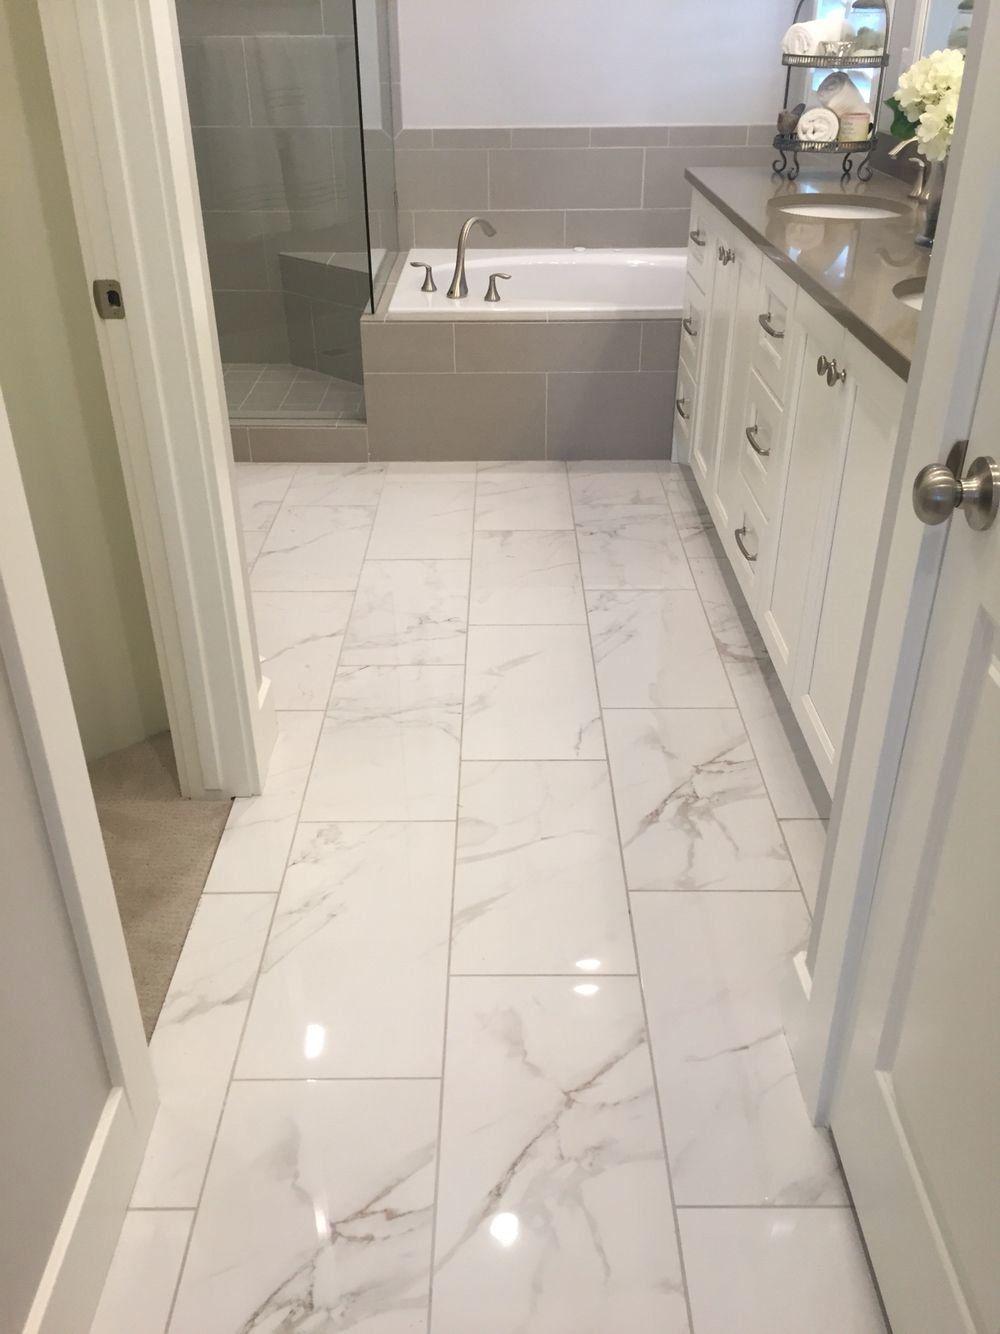 I like shiny tile. Modern Design in 2020 Marble tile